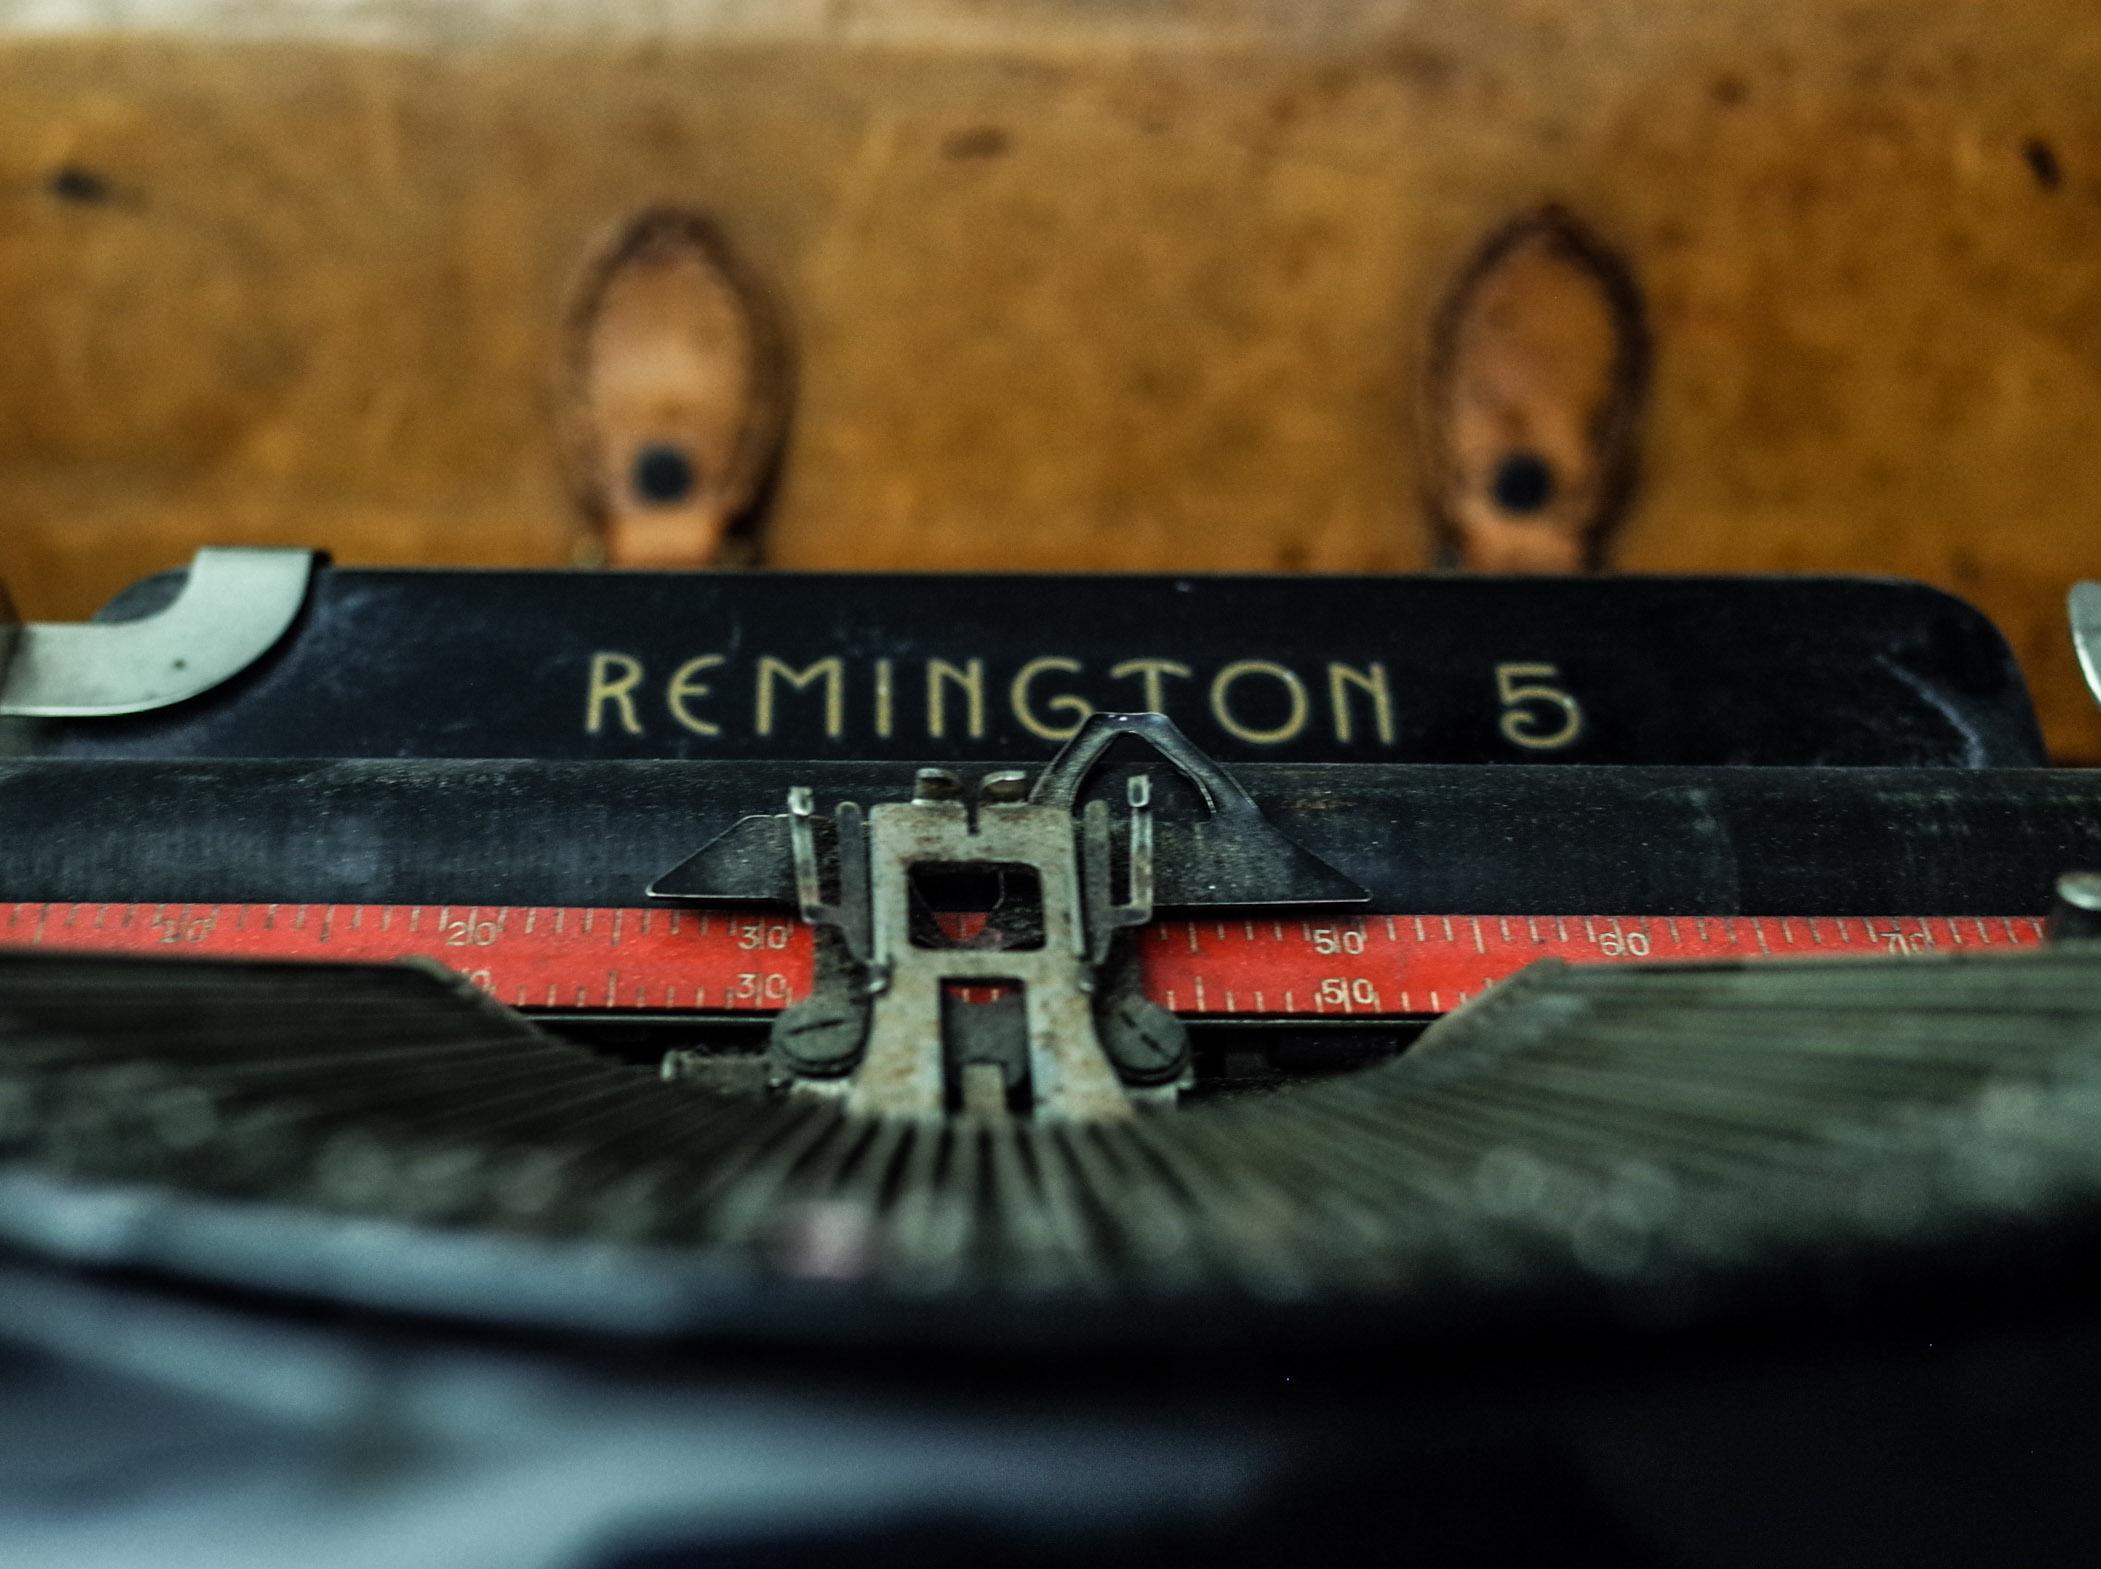 remington-5-typewriter.jpg